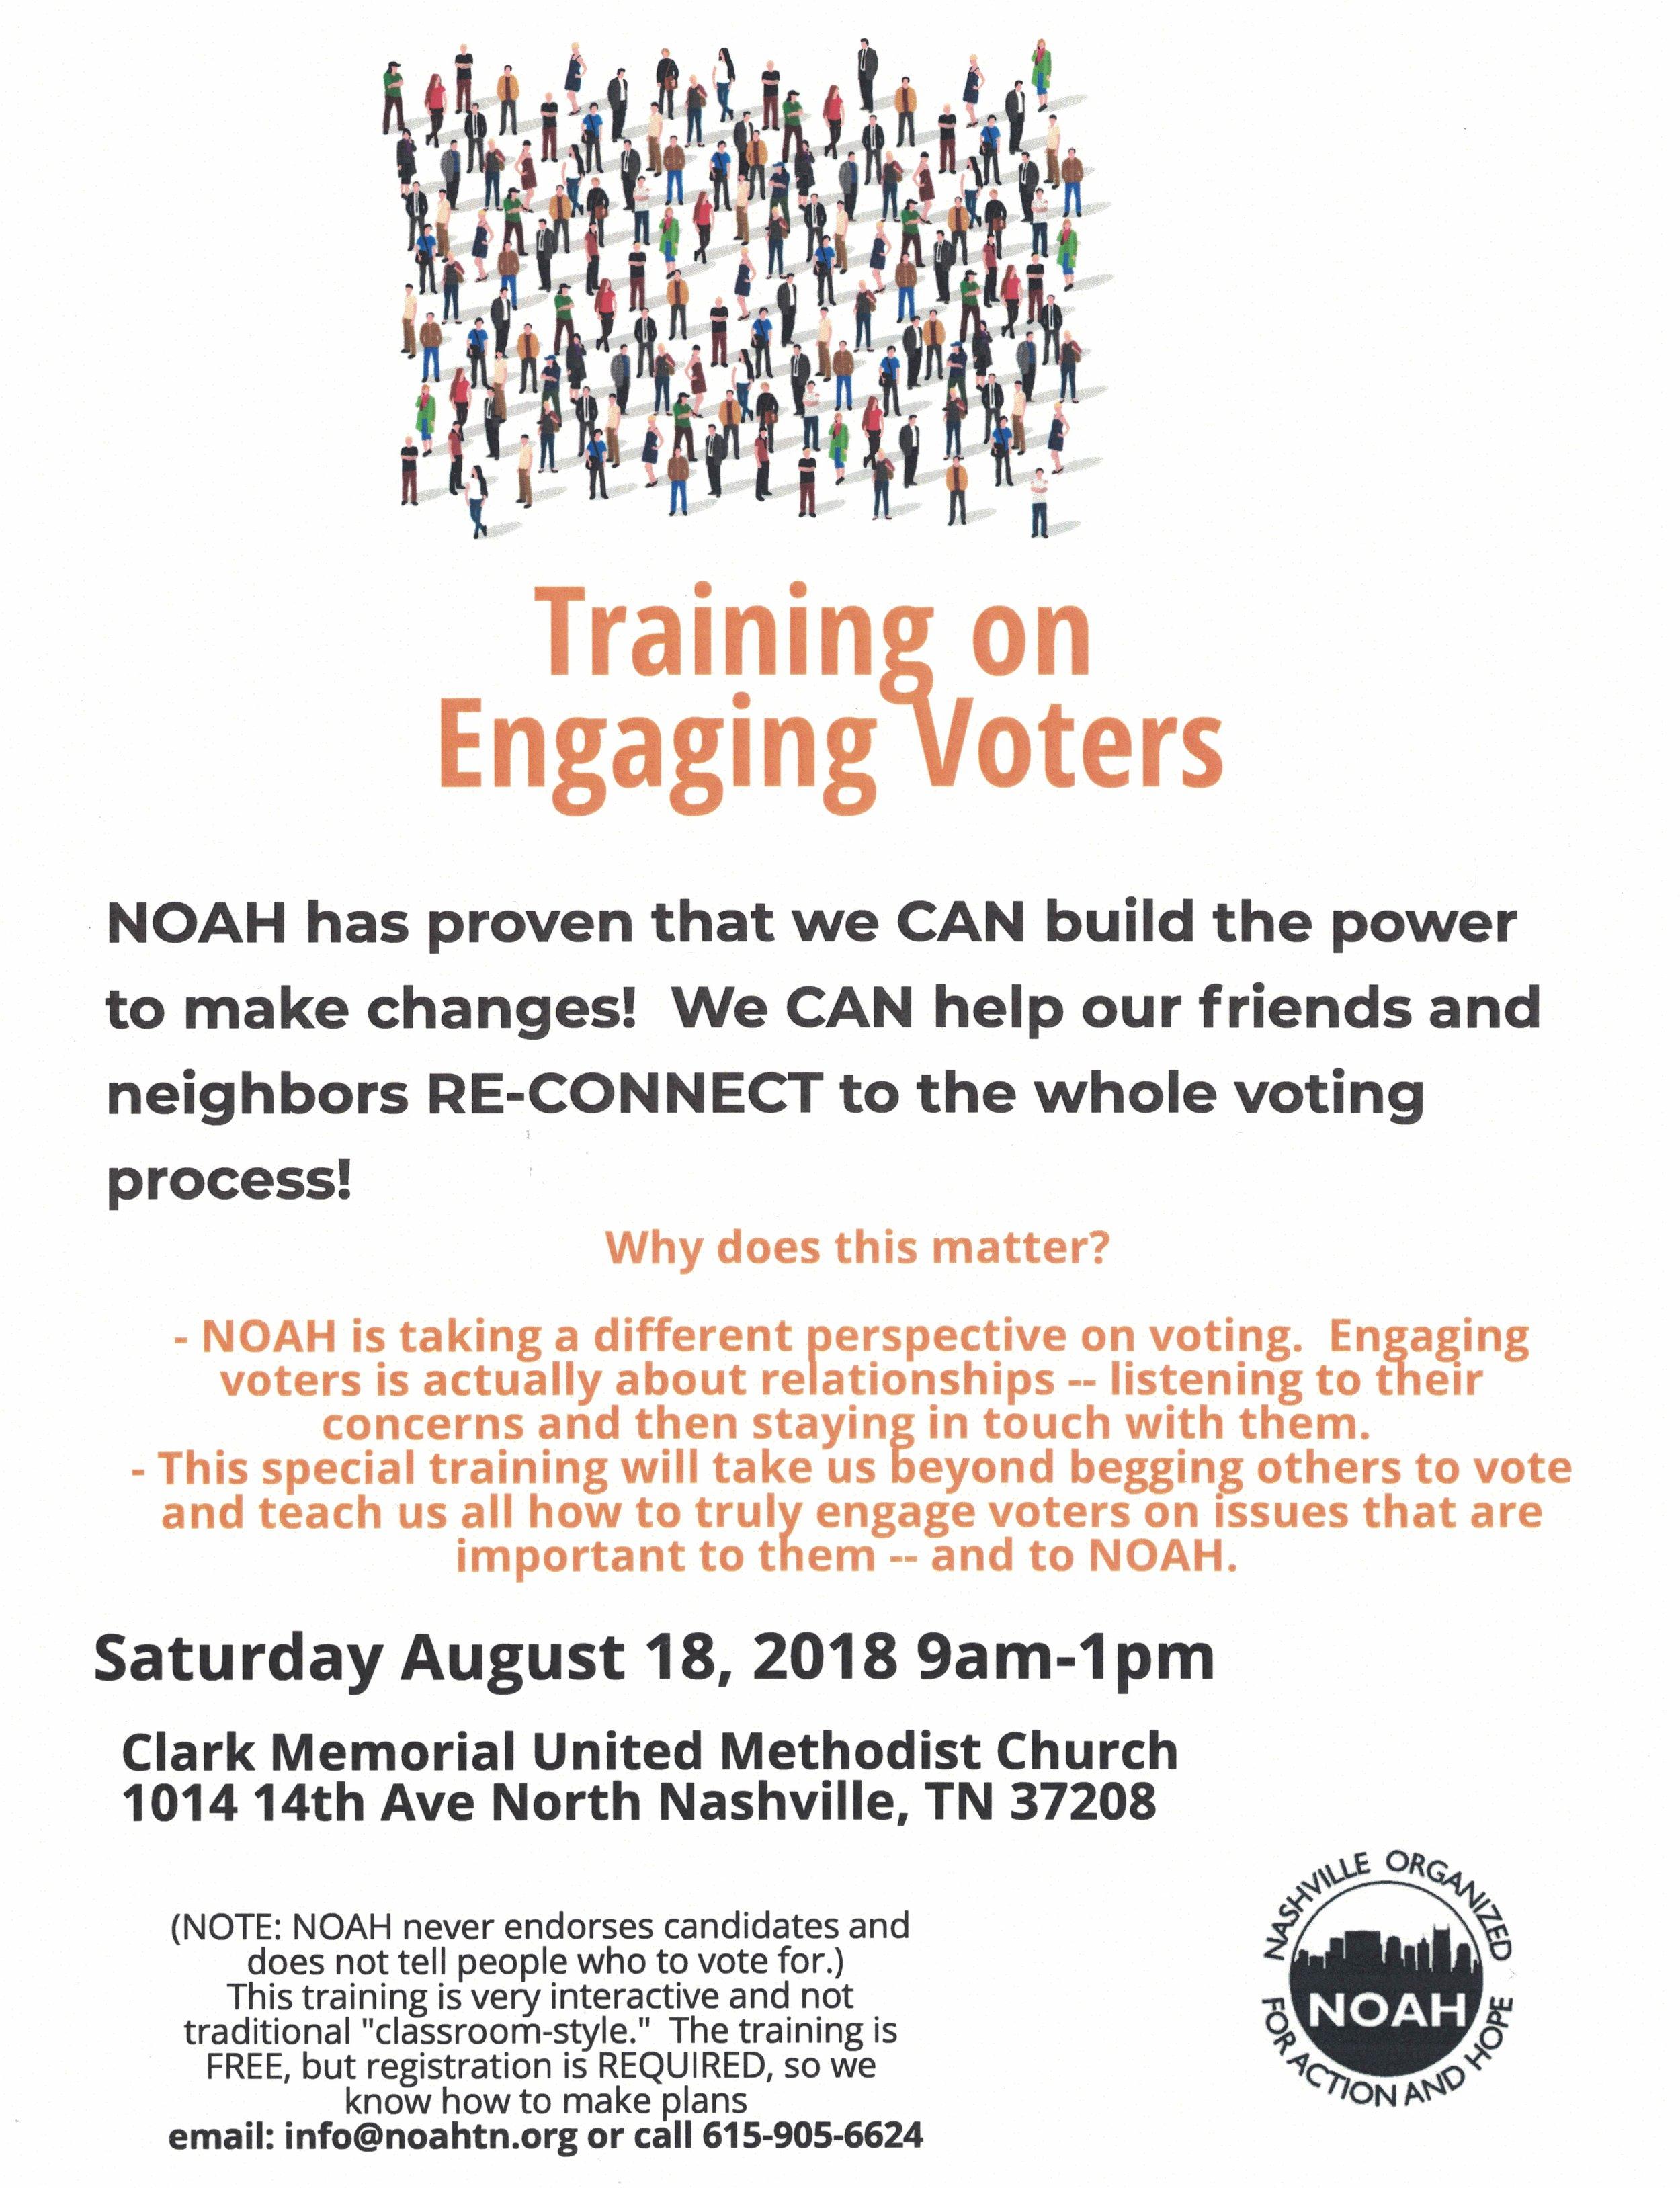 NOAH Training on Engaging Voters08152018.jpg